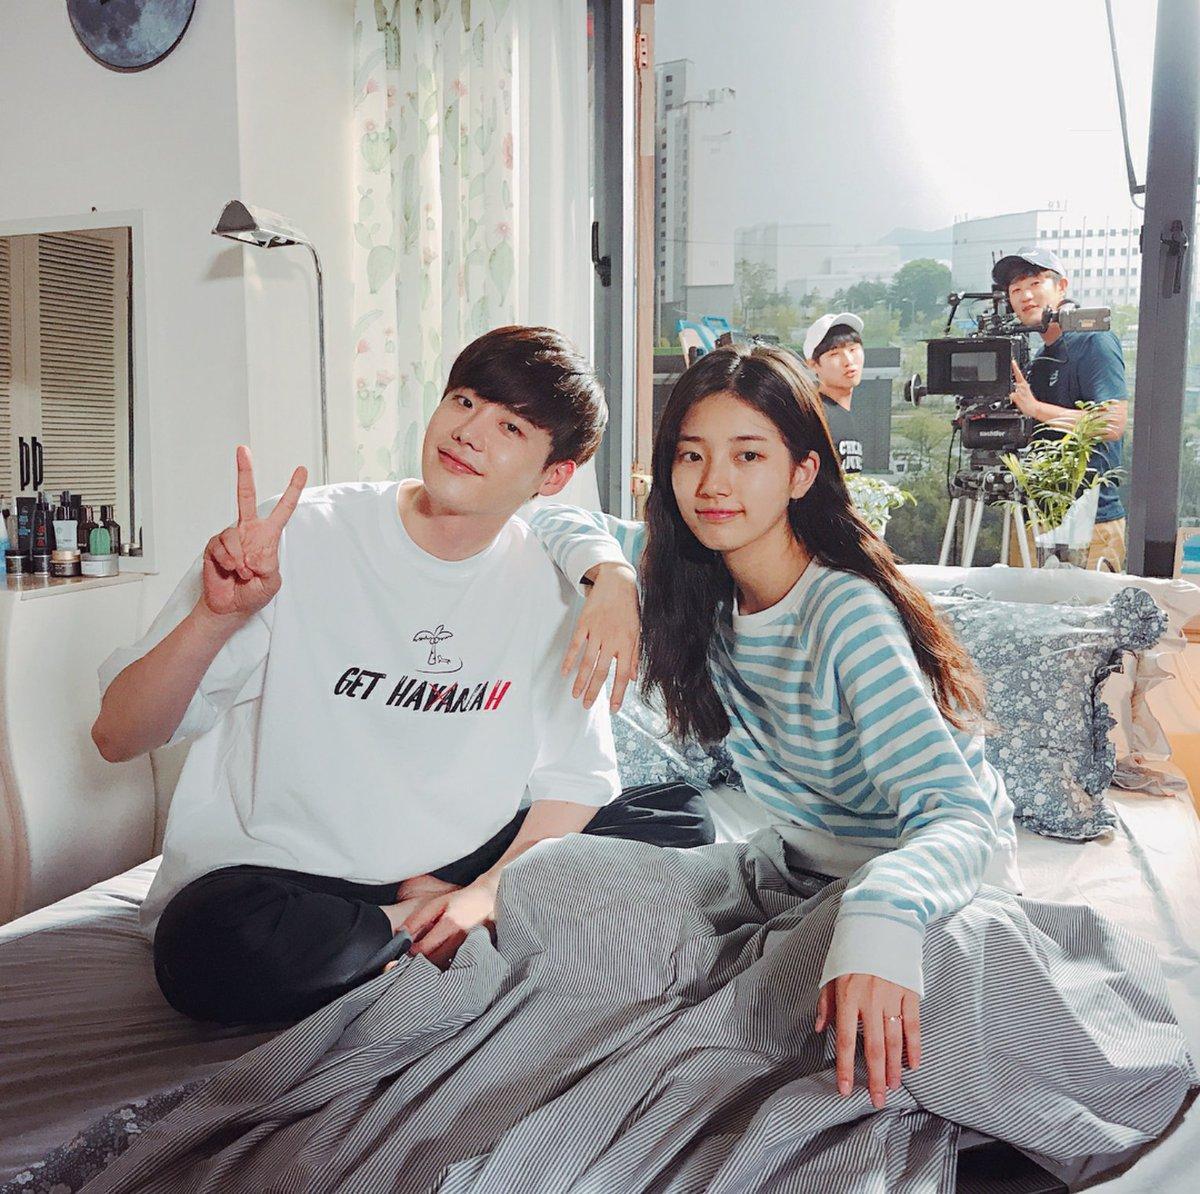 Phim của Suzy, Lee Jong Suk đóng máy, tiết lộ những hình ảnh khiến fan phấn khích-5